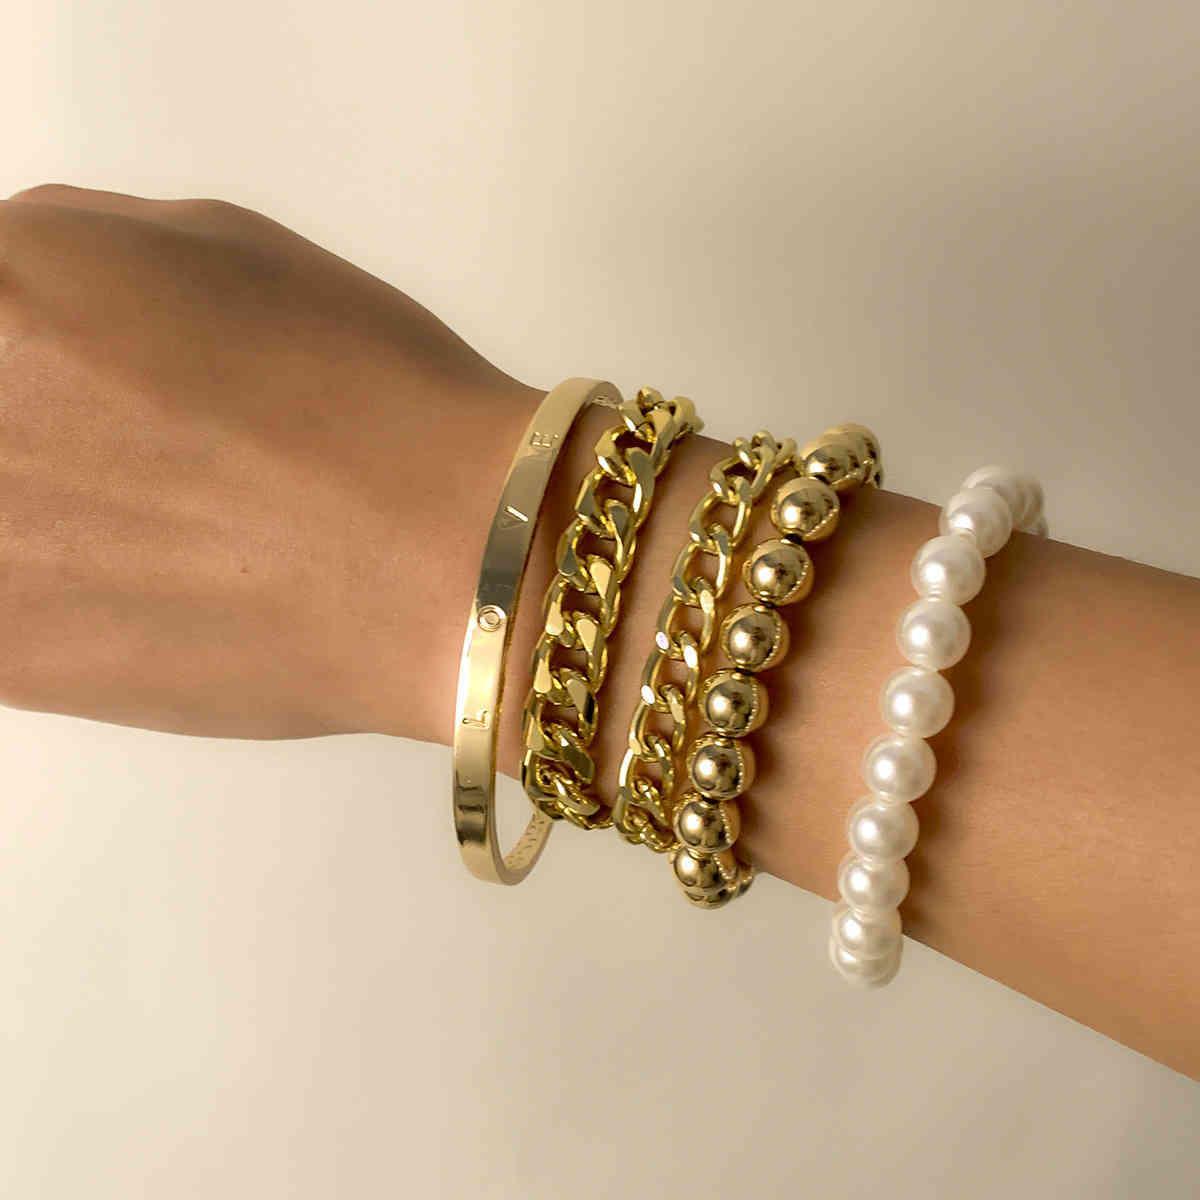 Pulsera lisa suave de tipo C exagerado inspundense la cadena de perlas de imitación de múltiples capas de imitación.